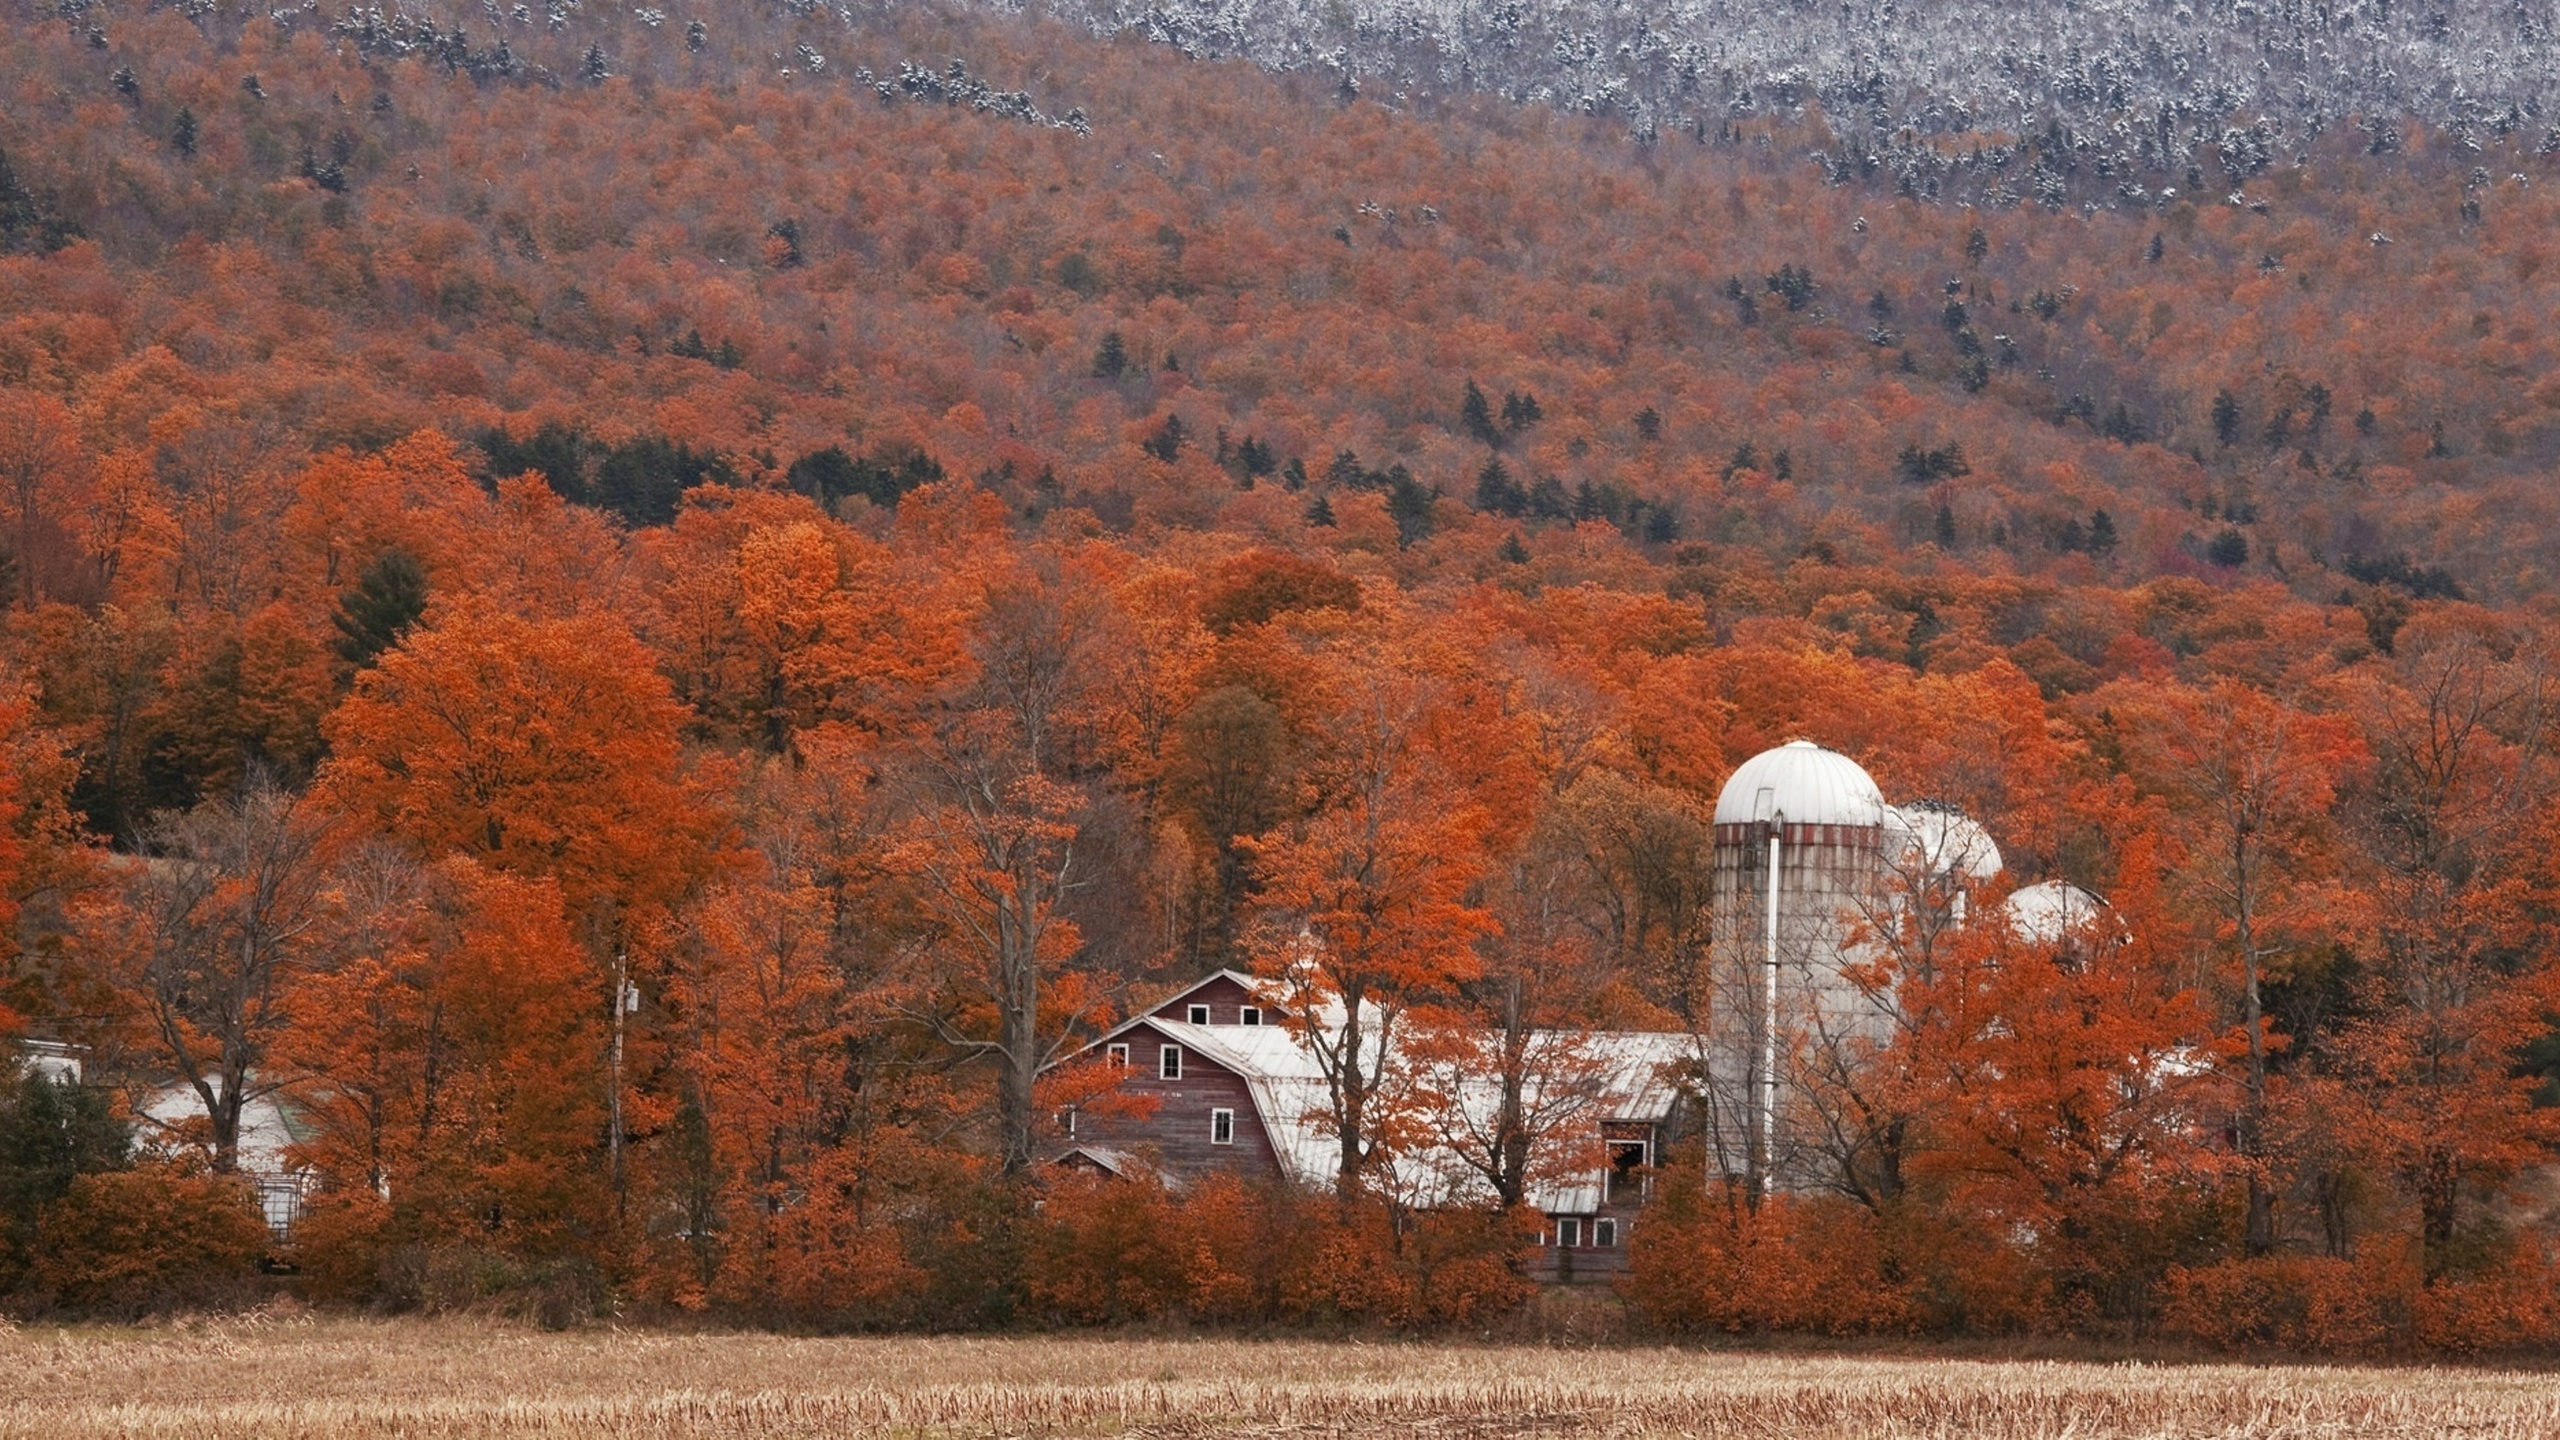 растительность, постройки, поле, осень, природа